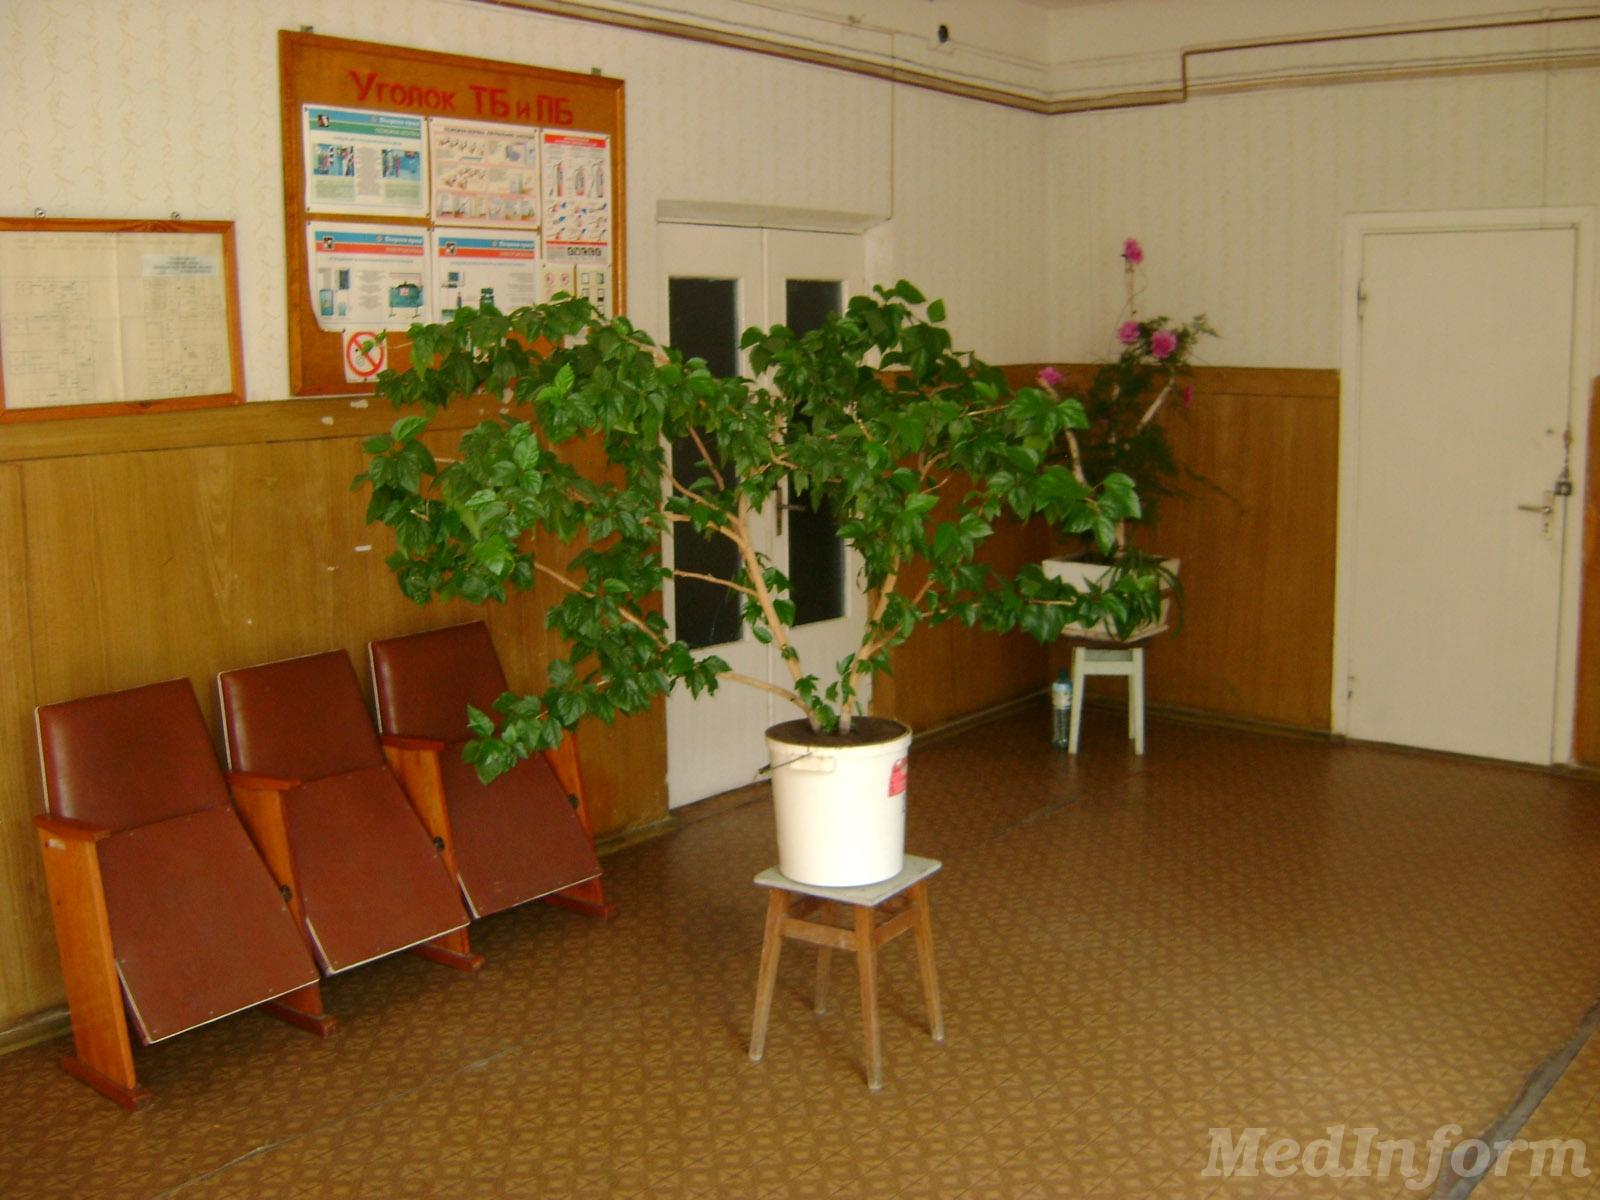 Медицинские центры в мурманске с диагностикой